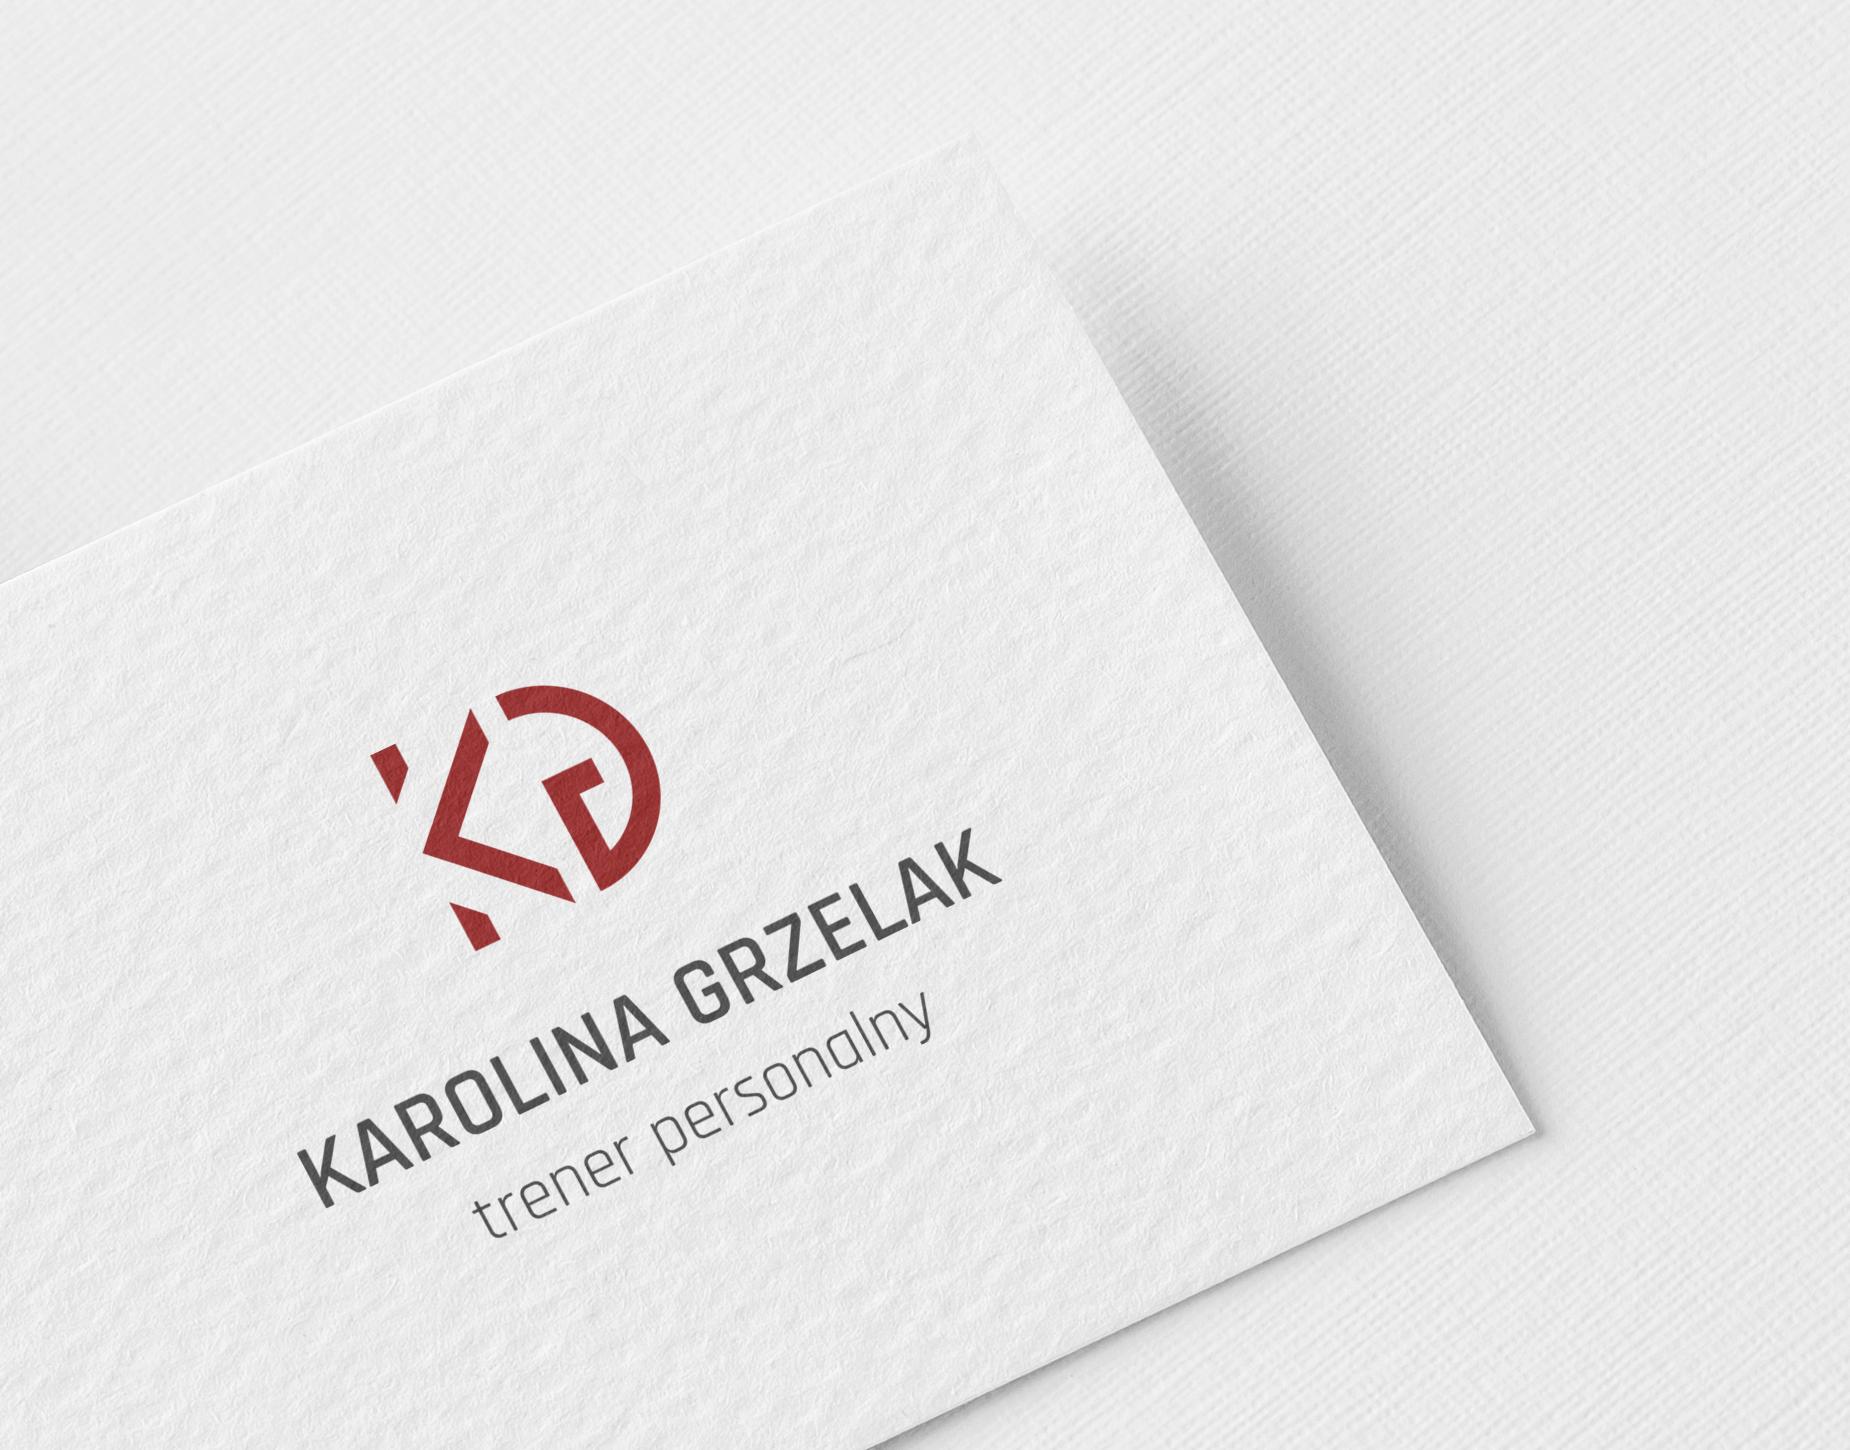 Karolina Grzelak – trener personalny